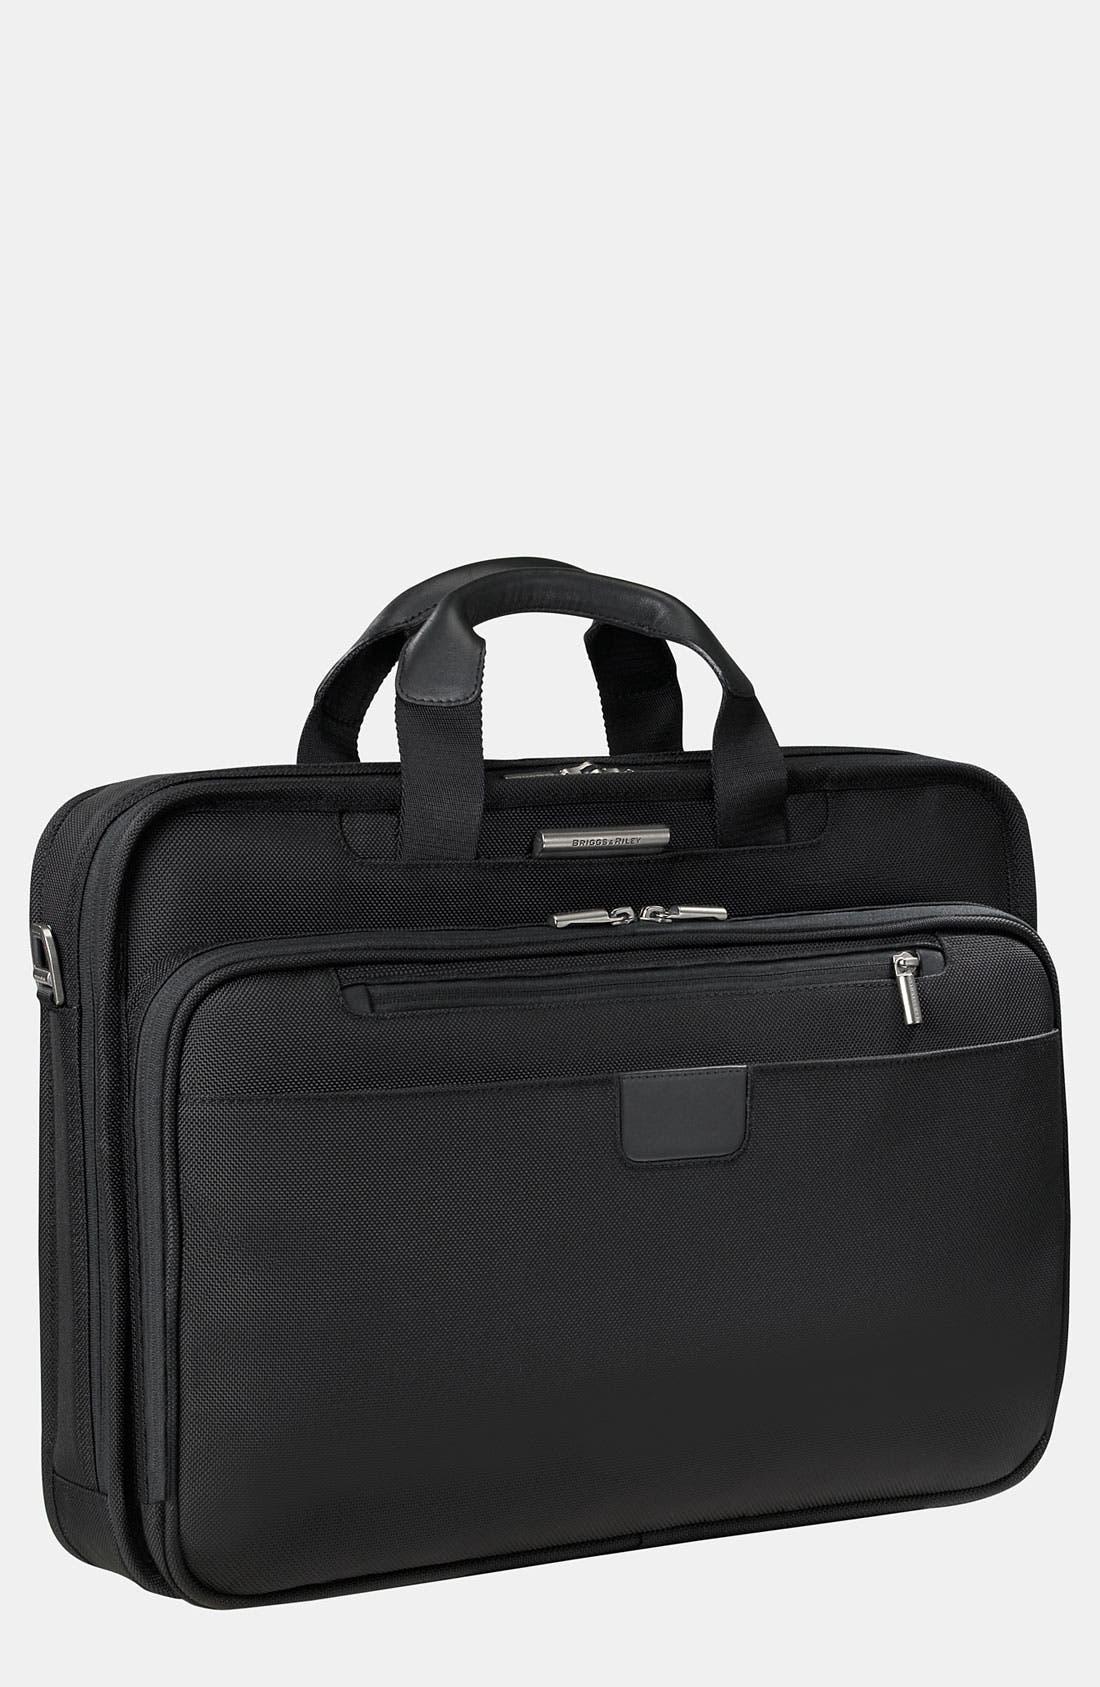 Alternate Image 1 Selected - Briggs & Riley 'Work - Large Slim' Briefcase